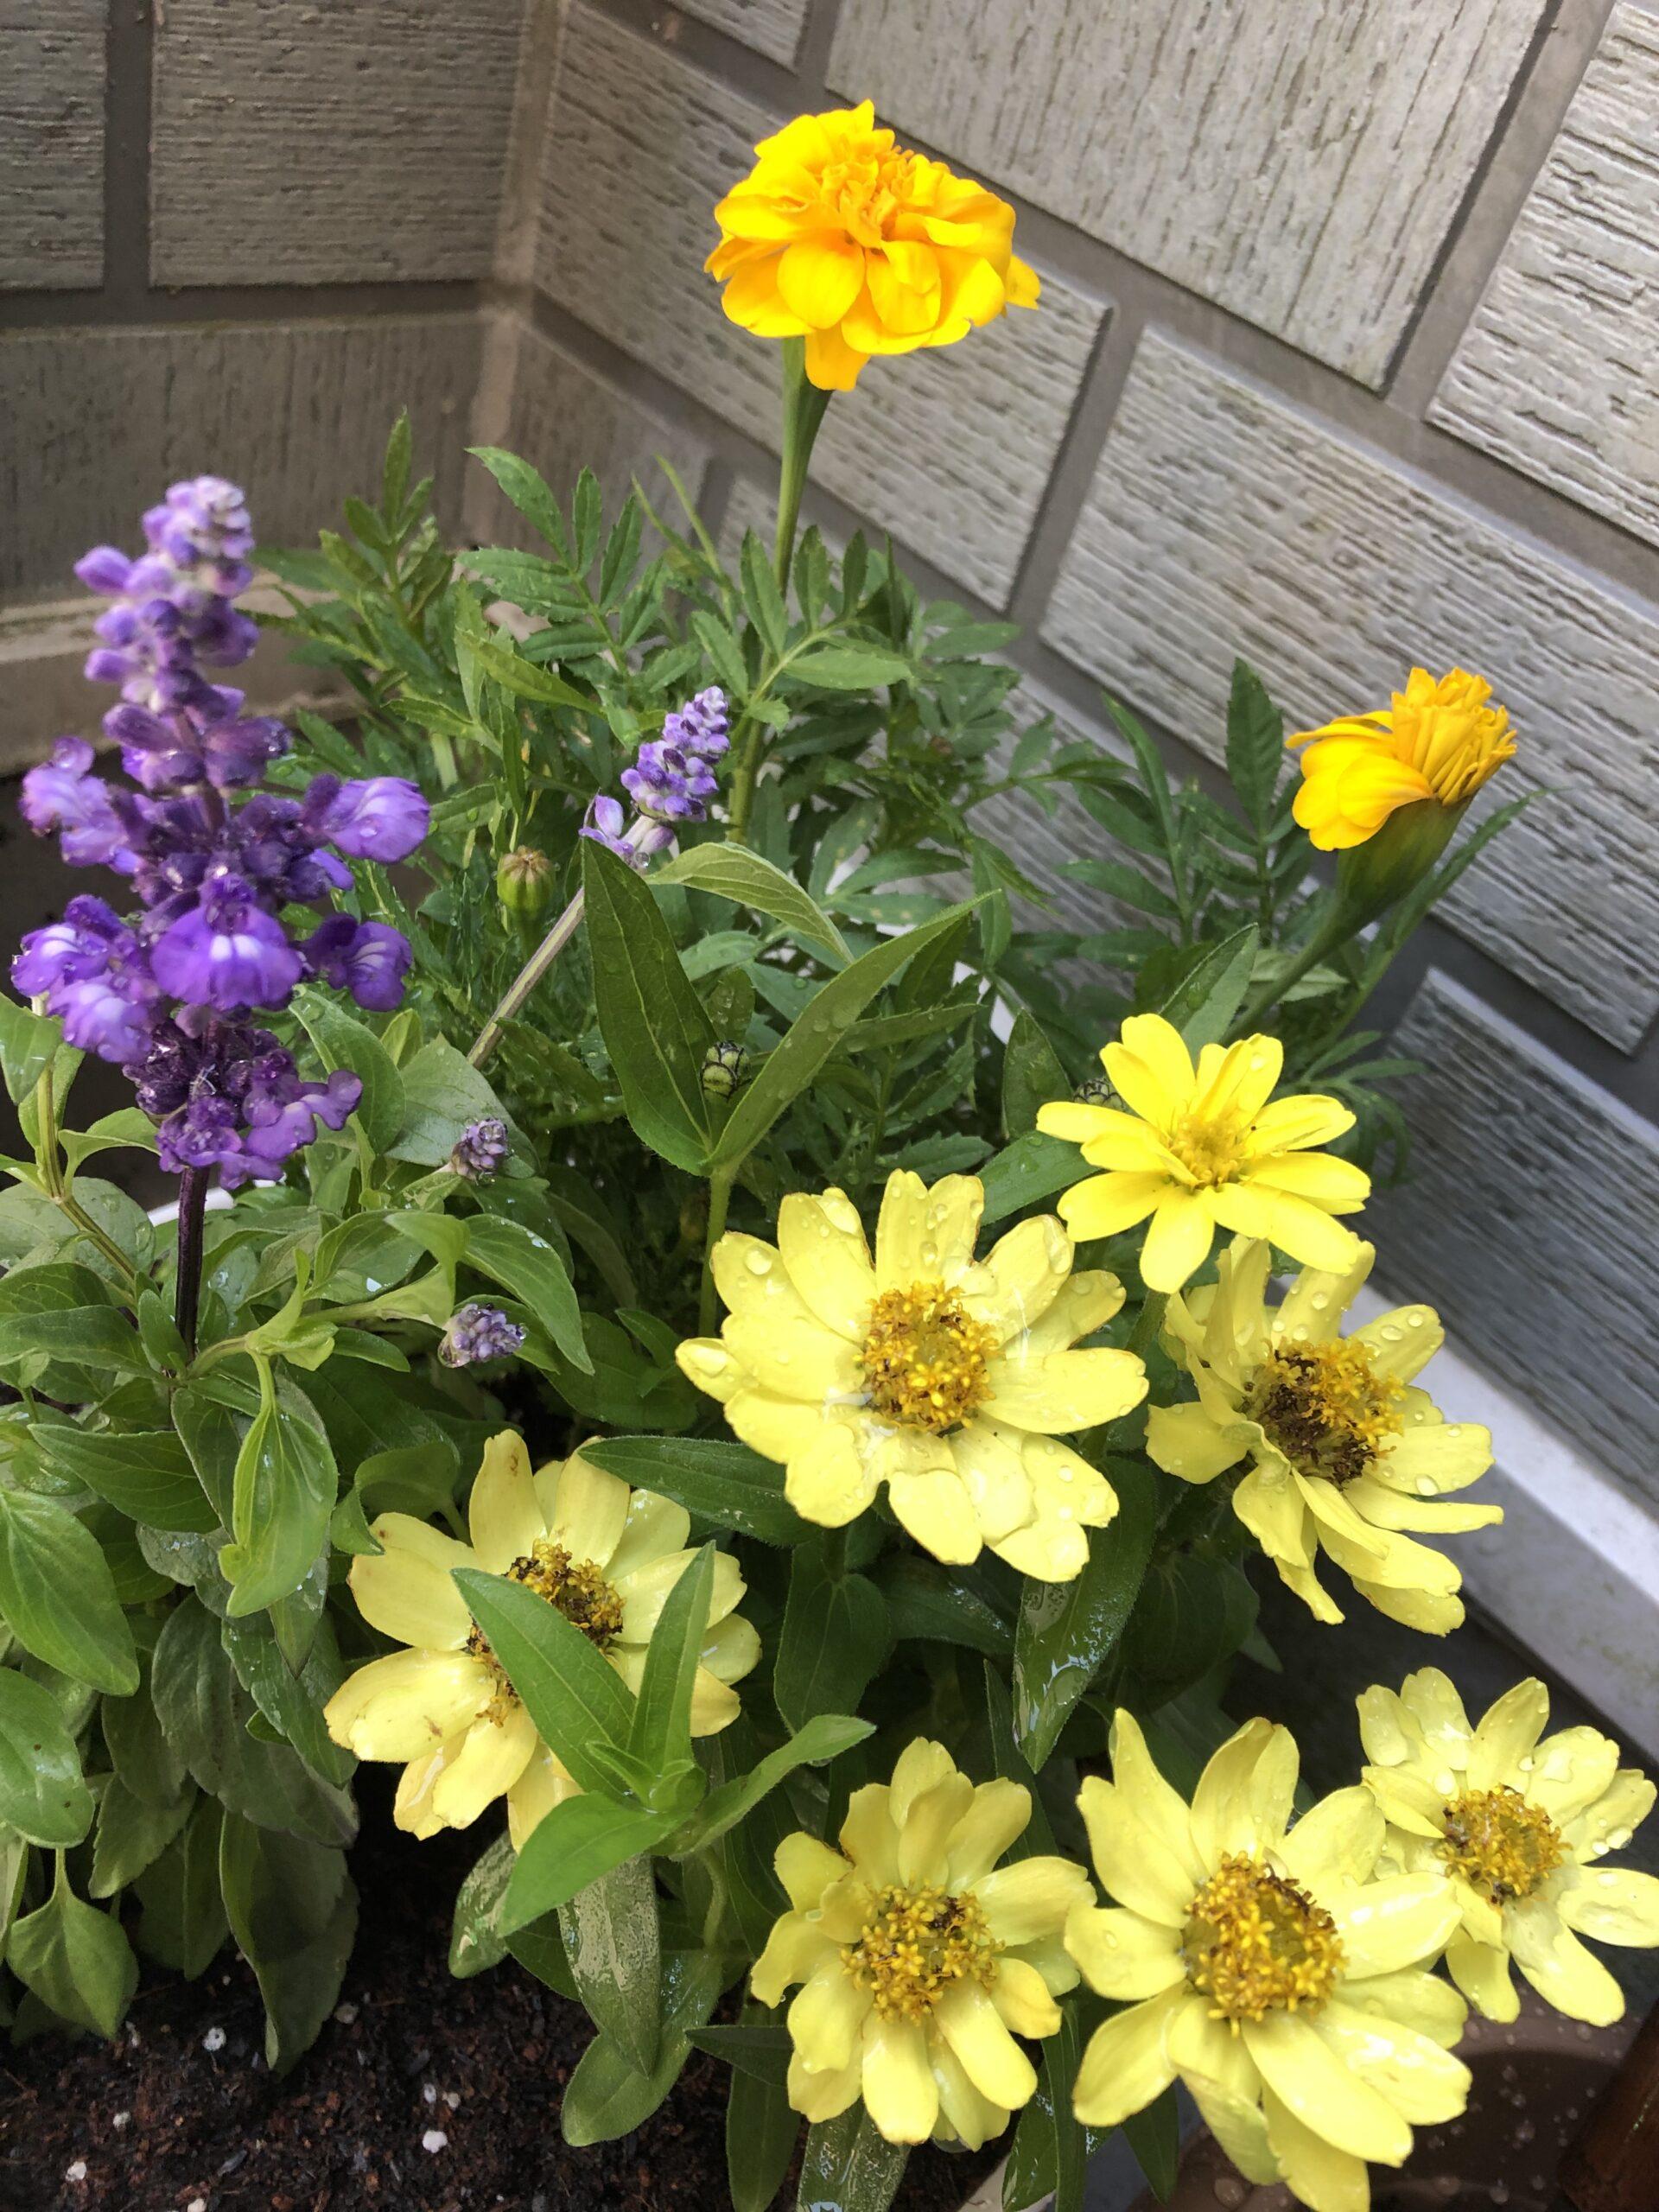 麻溝公園で購入した花を育てます❁⃘の投稿写真